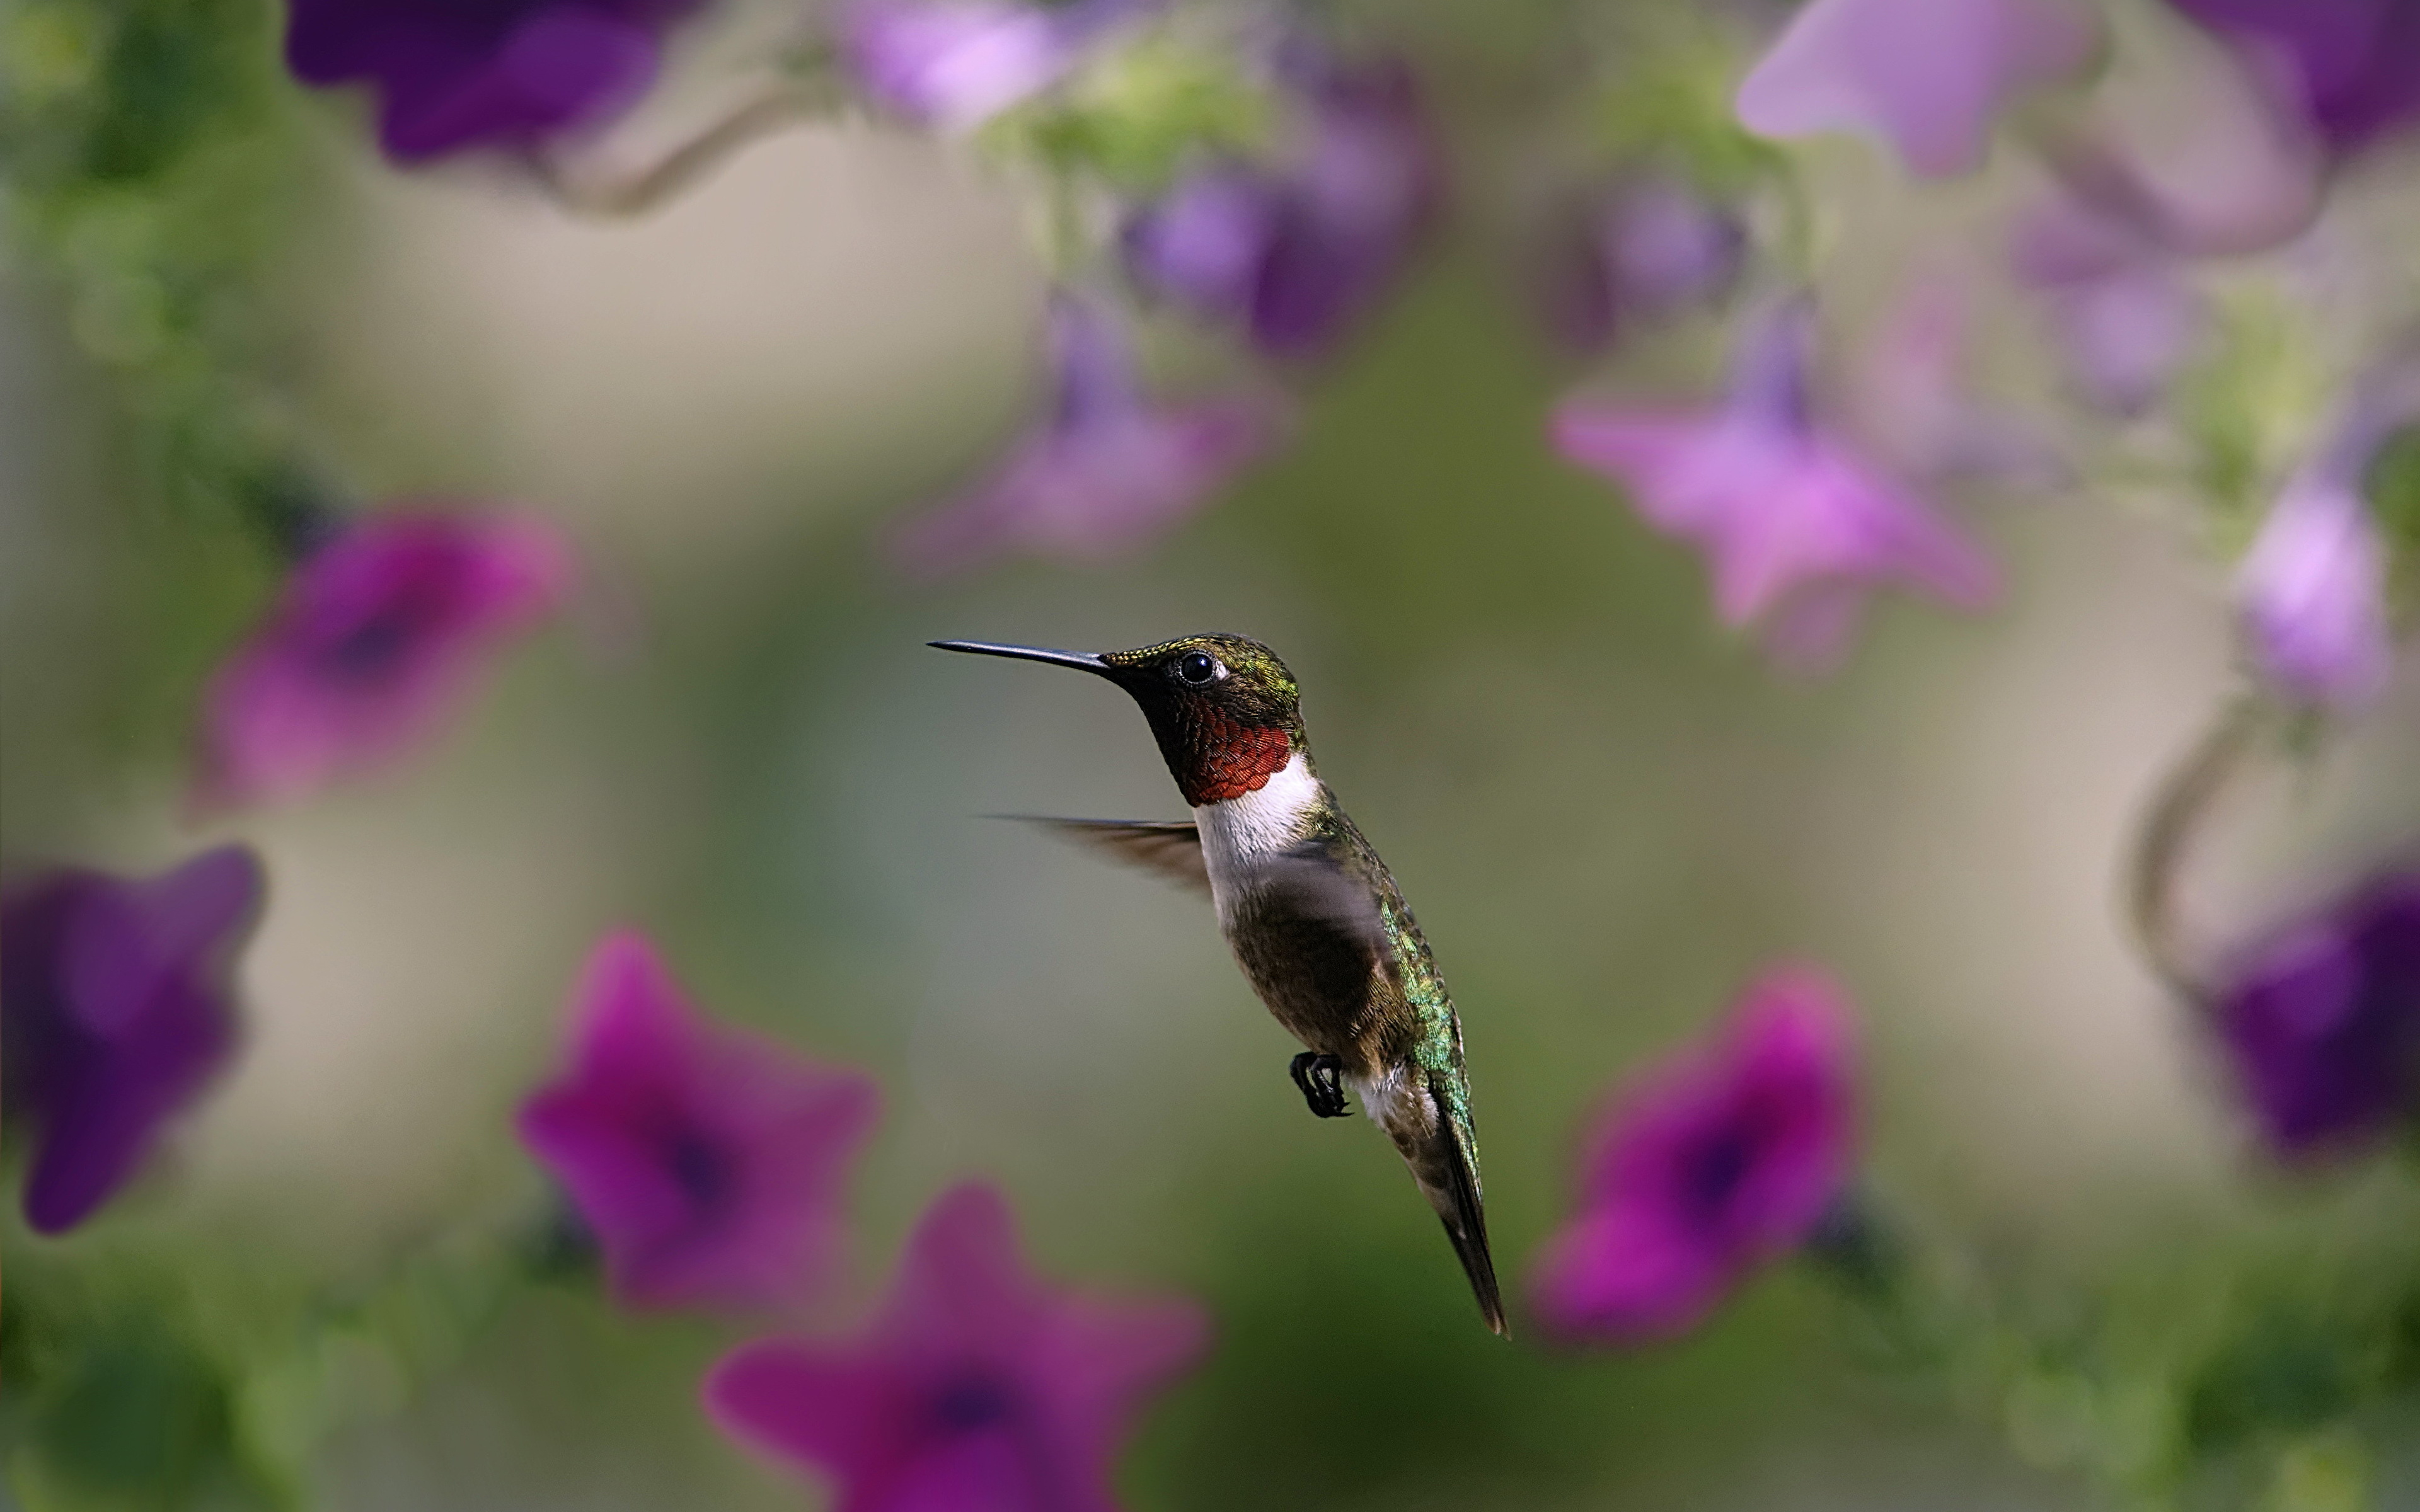 животное птица колибри макро скачать